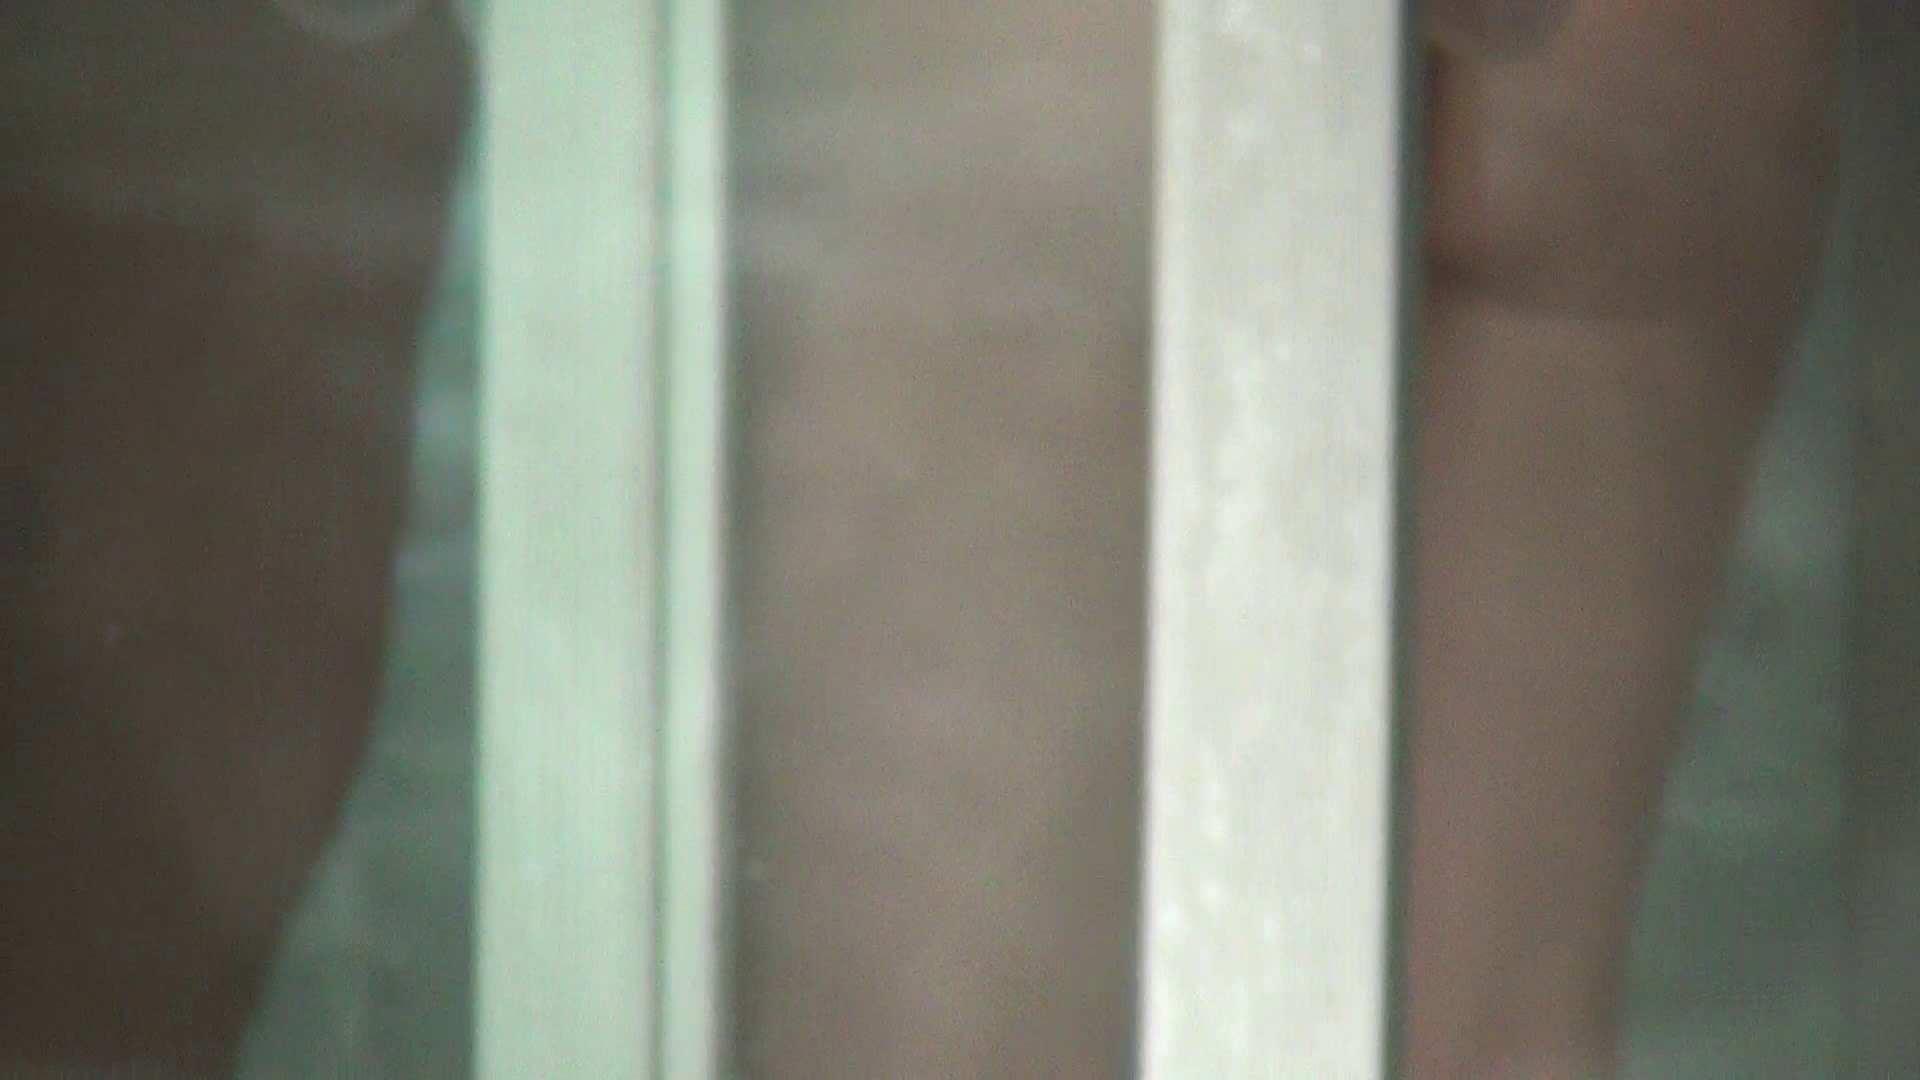 Aquaな露天風呂Vol.262 女体盗撮 のぞき濡れ場動画紹介 55連発 14